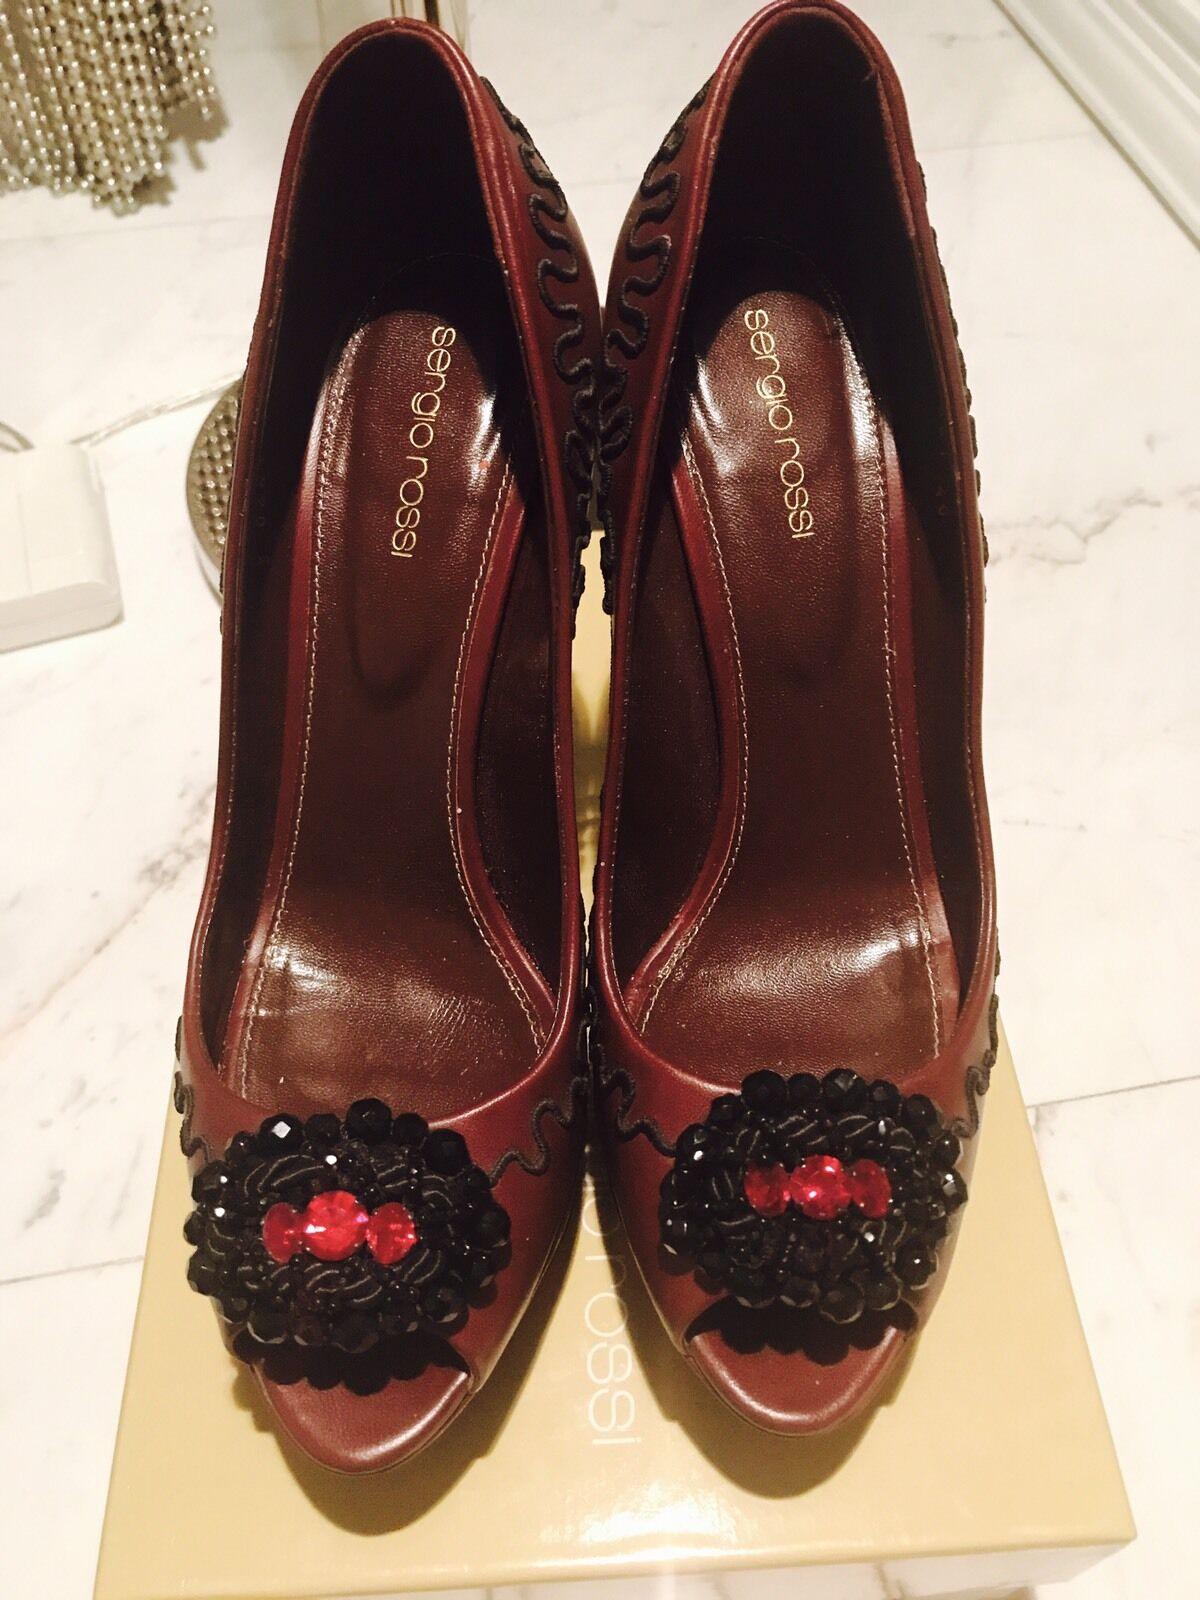 prezzi all'ingrosso Sergio Rossi High Heels Platform scarpe Pumps Sz40  1100 1100 1100  centro commerciale online integrato professionale